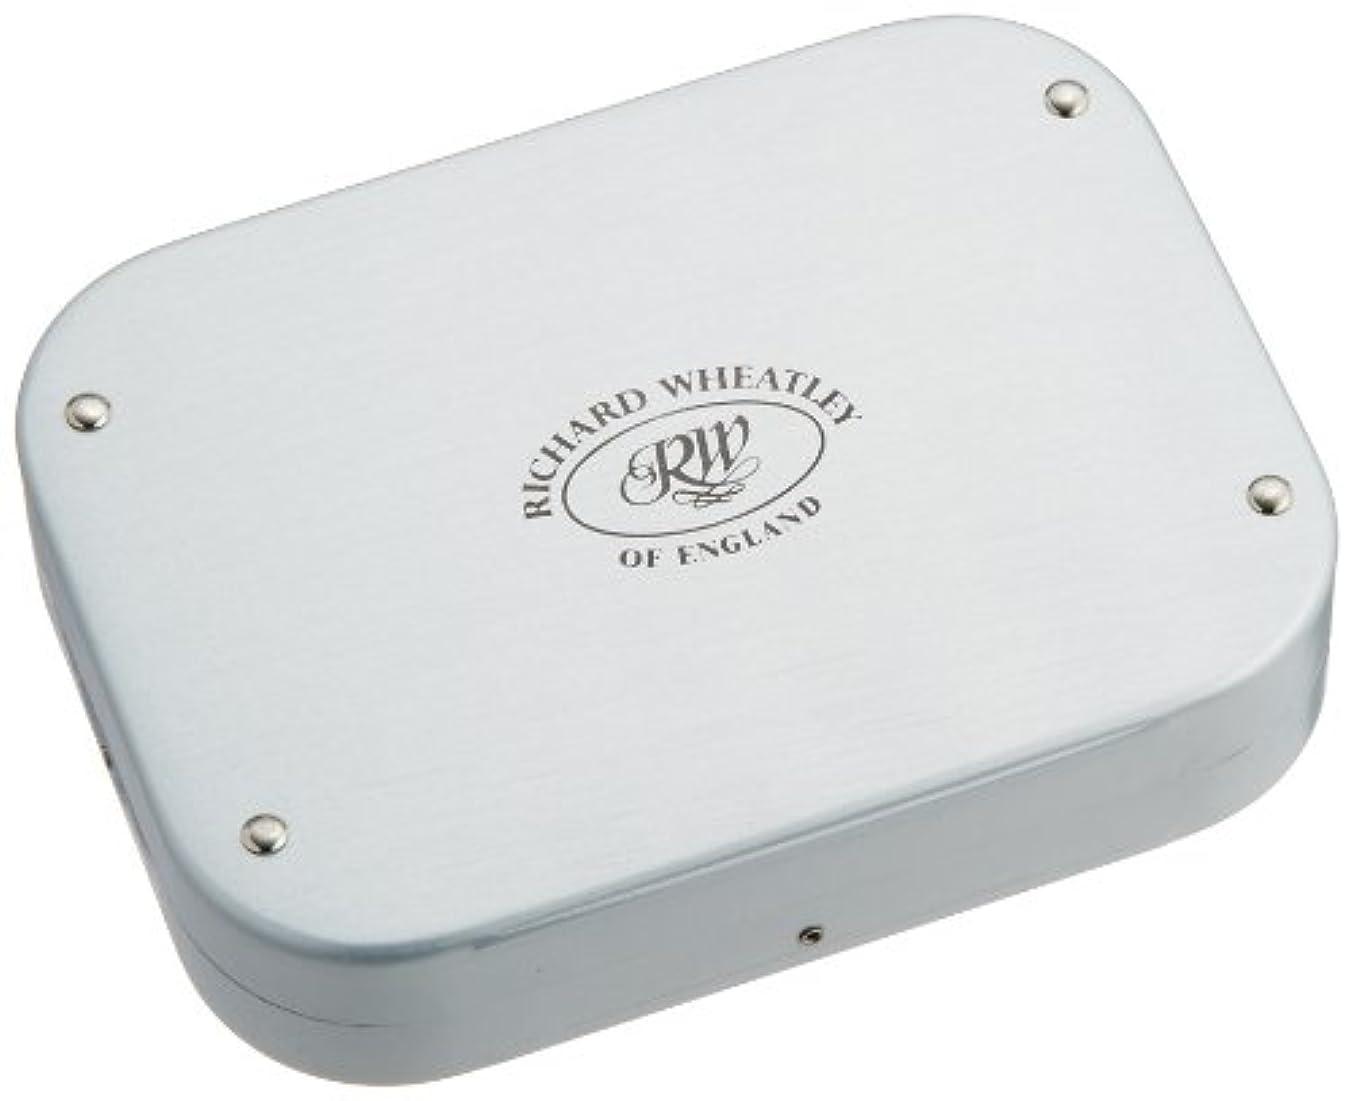 表面持続的アラートティムコ(TIEMCO) ホイットレー ボックスM SV 1411 クリップS/S